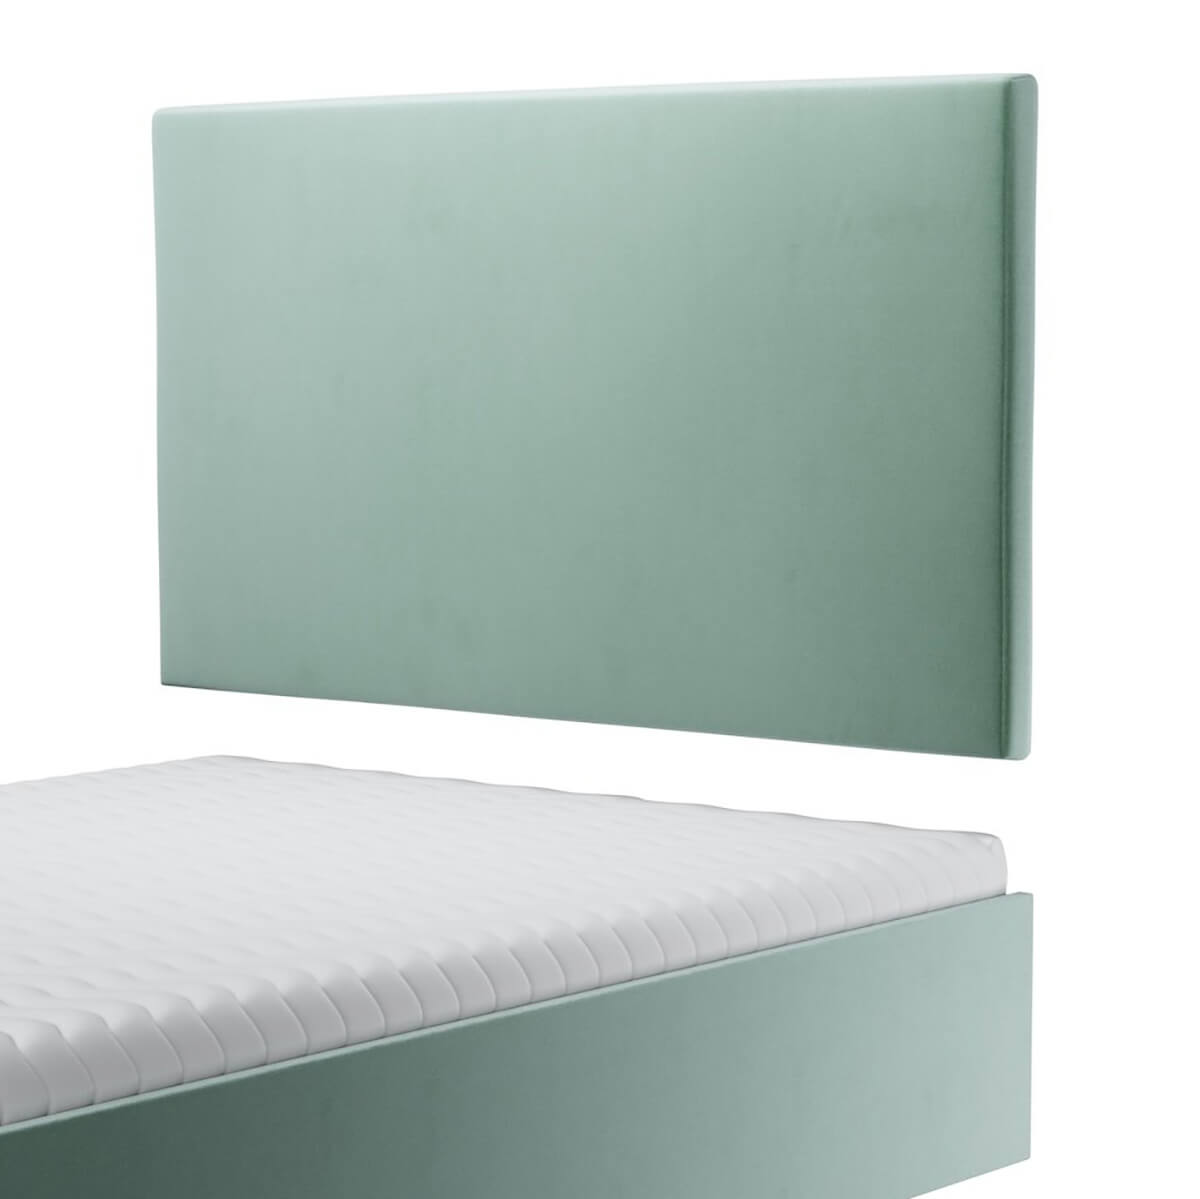 Стенен панел за тапицирано легло, модел ZPS-006